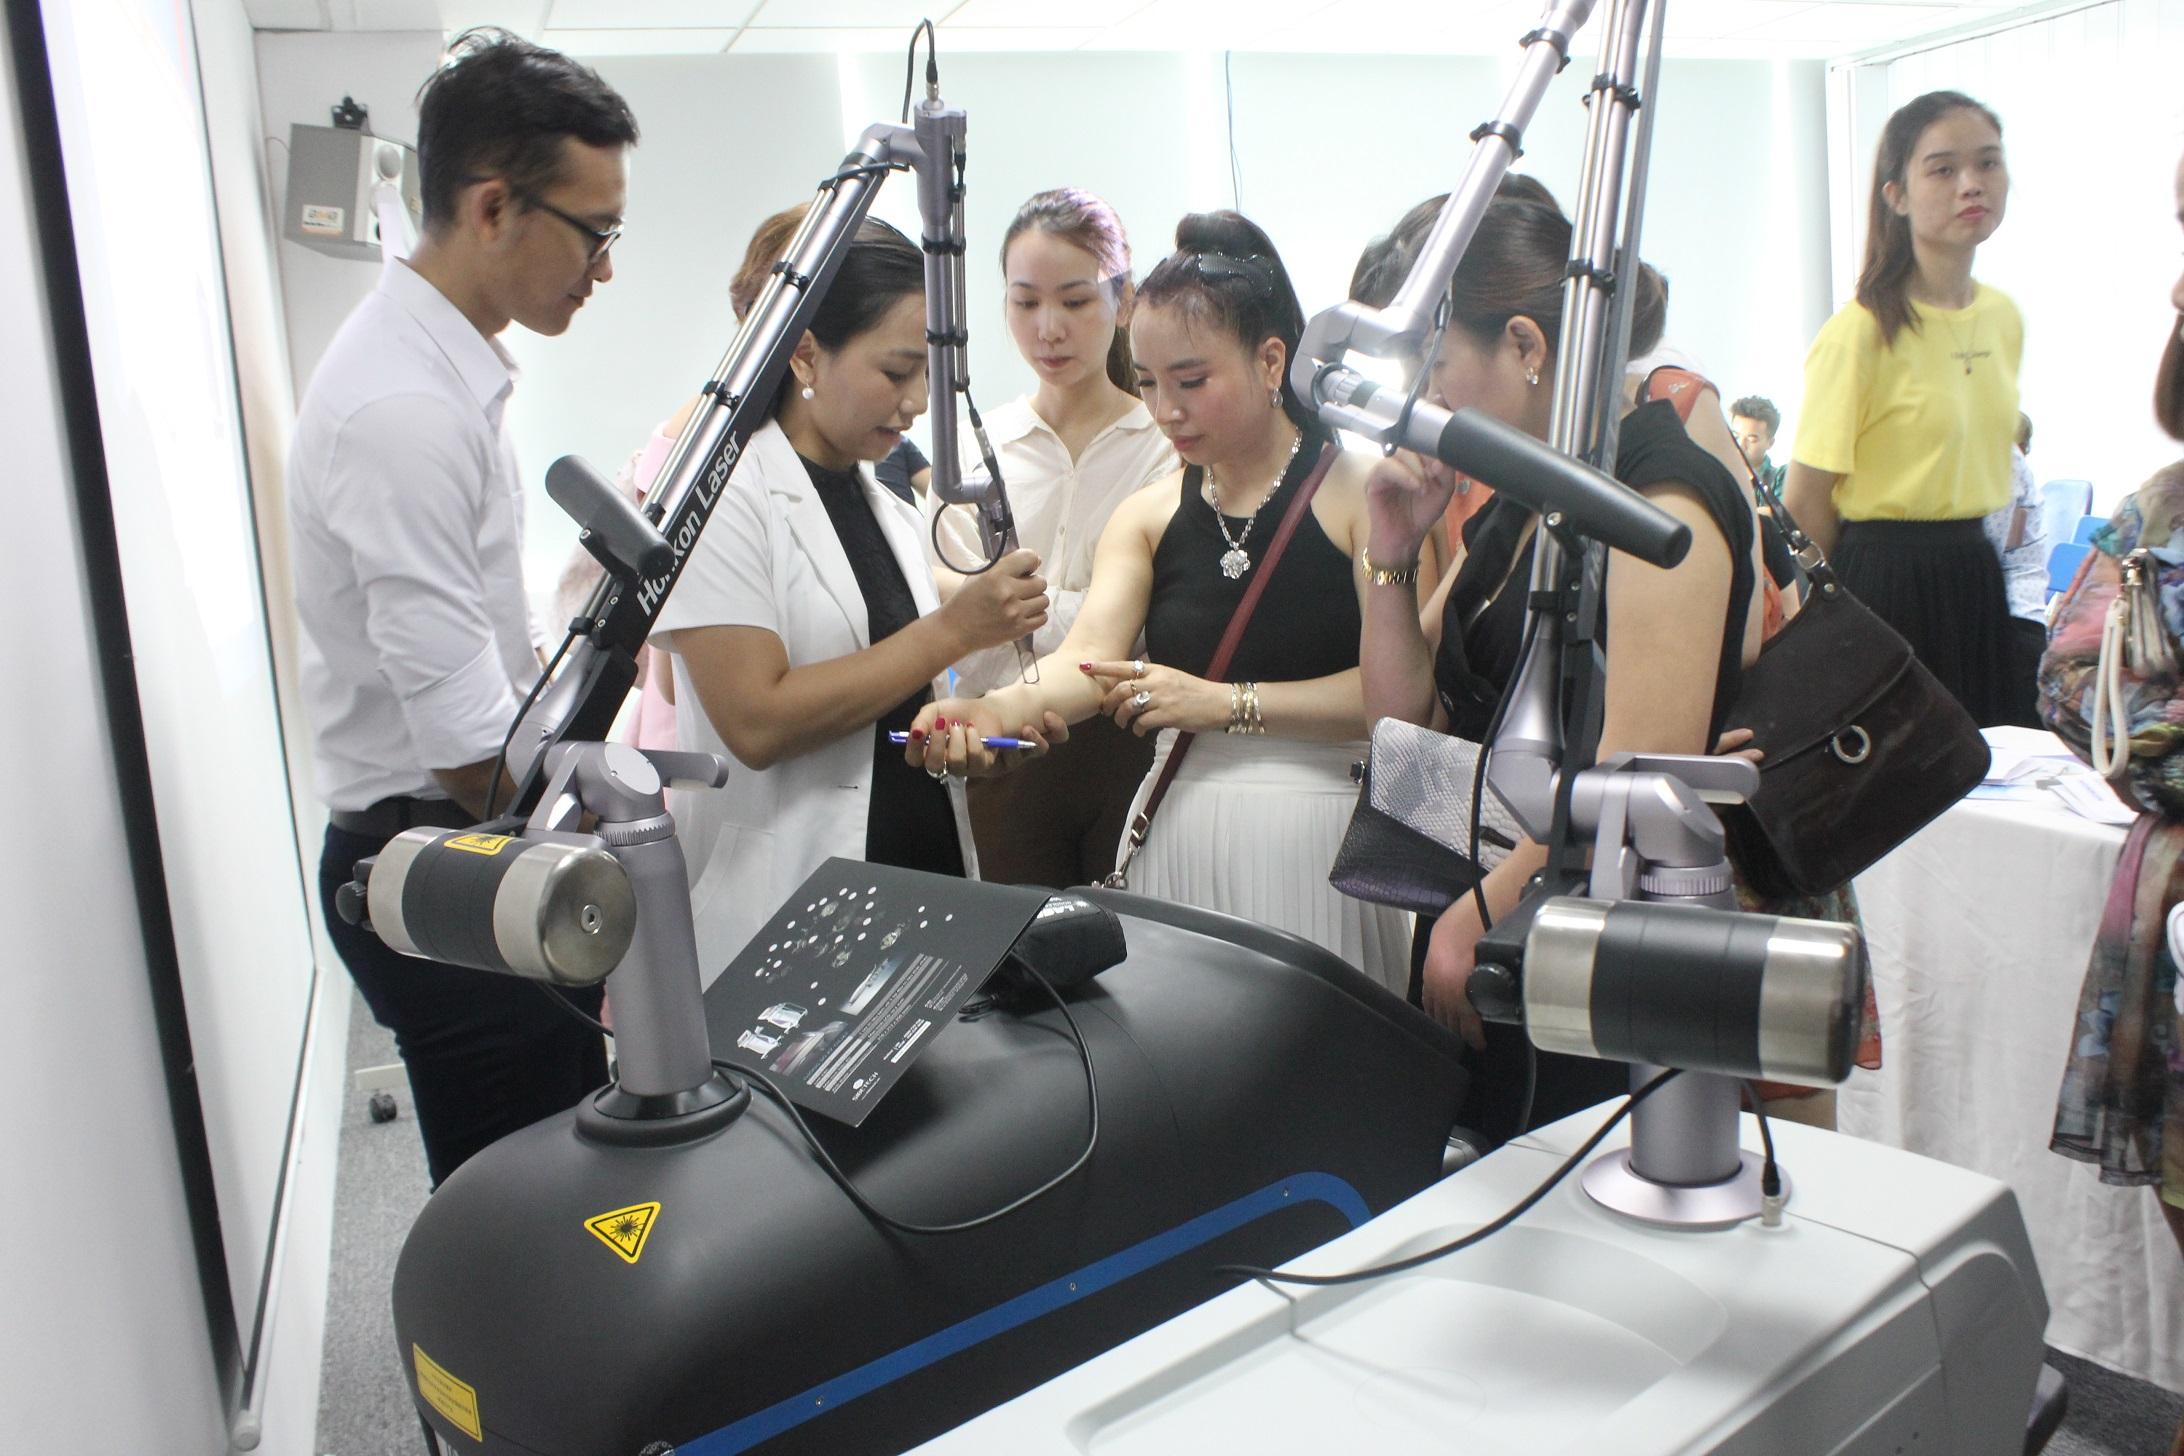 Đòa tạo Spa; Ứng dụng laser trong điều trị da liễu thẩm mỹ